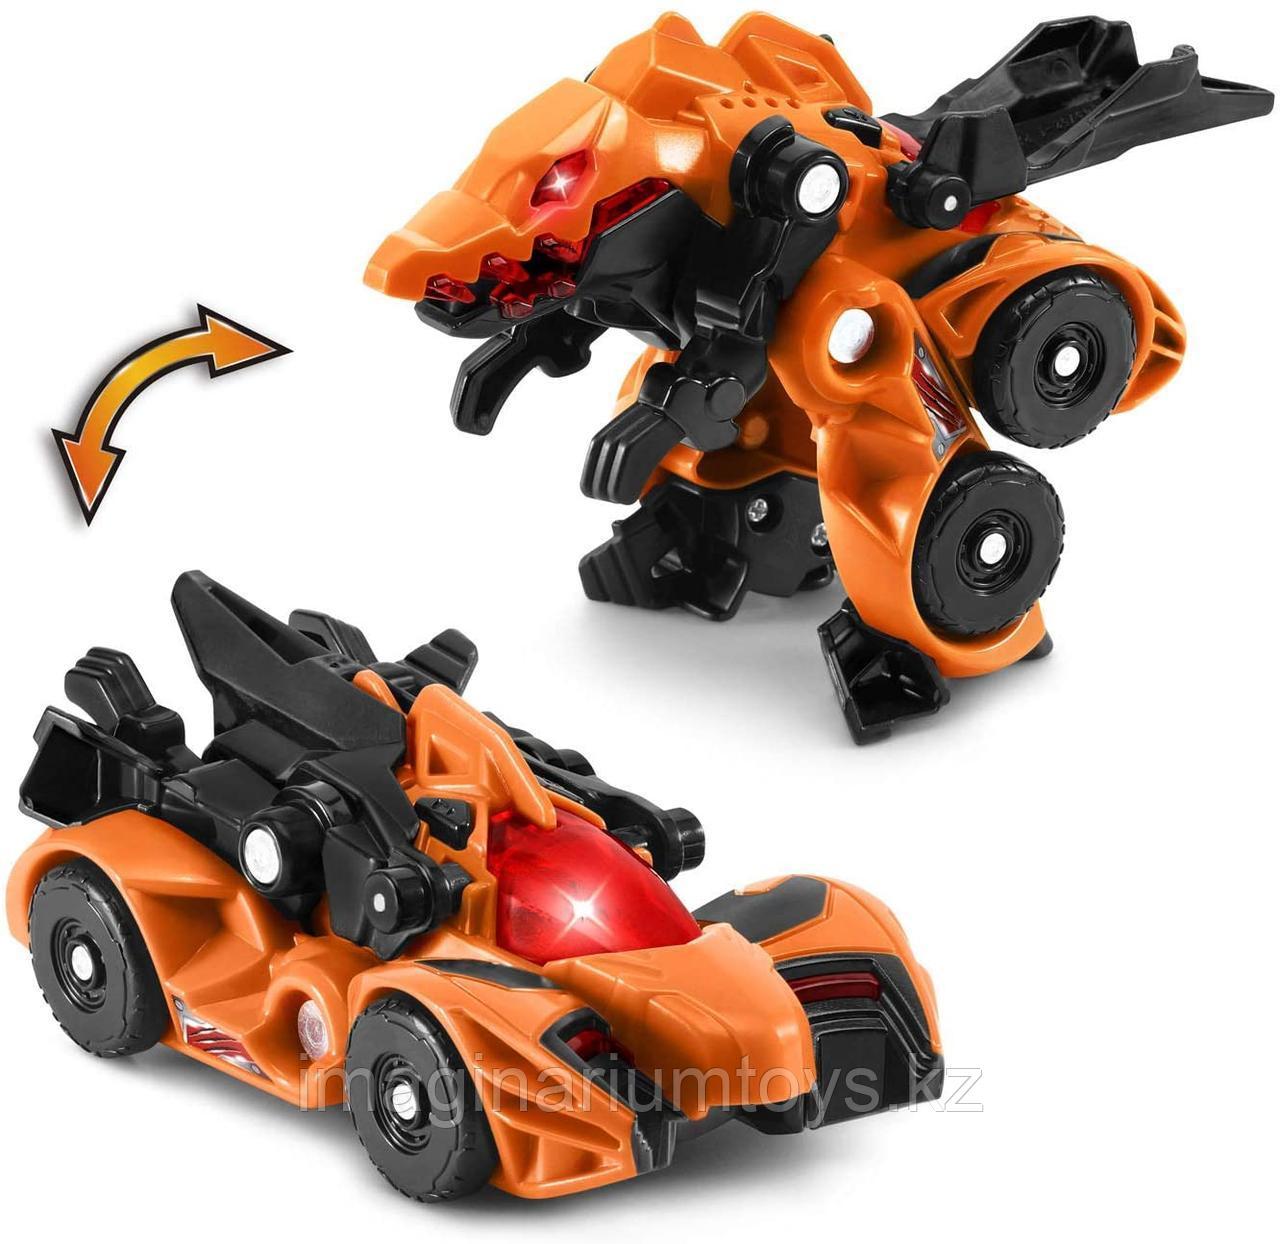 Динозавр машинка трансформер VTech Спинозавр мини